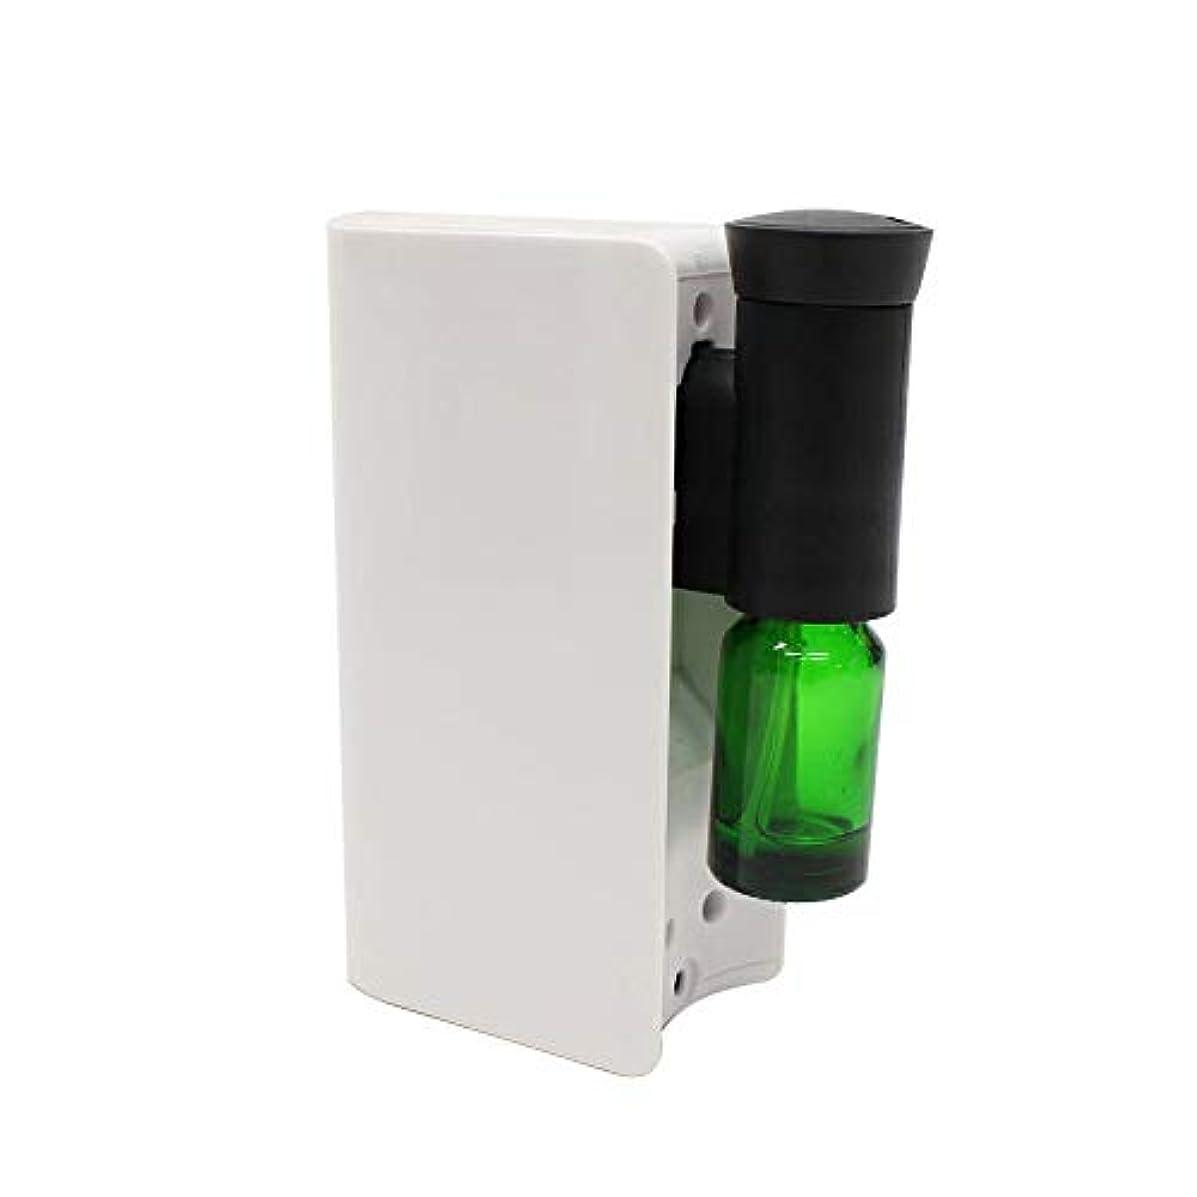 繊細アテンダント佐賀電池式アロマディフューザー 水を使わない ネブライザー式 アロマ ディフューザー アロマオイル対応 自動停止 ECOモード搭載 コンパクト 香り 癒し シンプル ホワイト